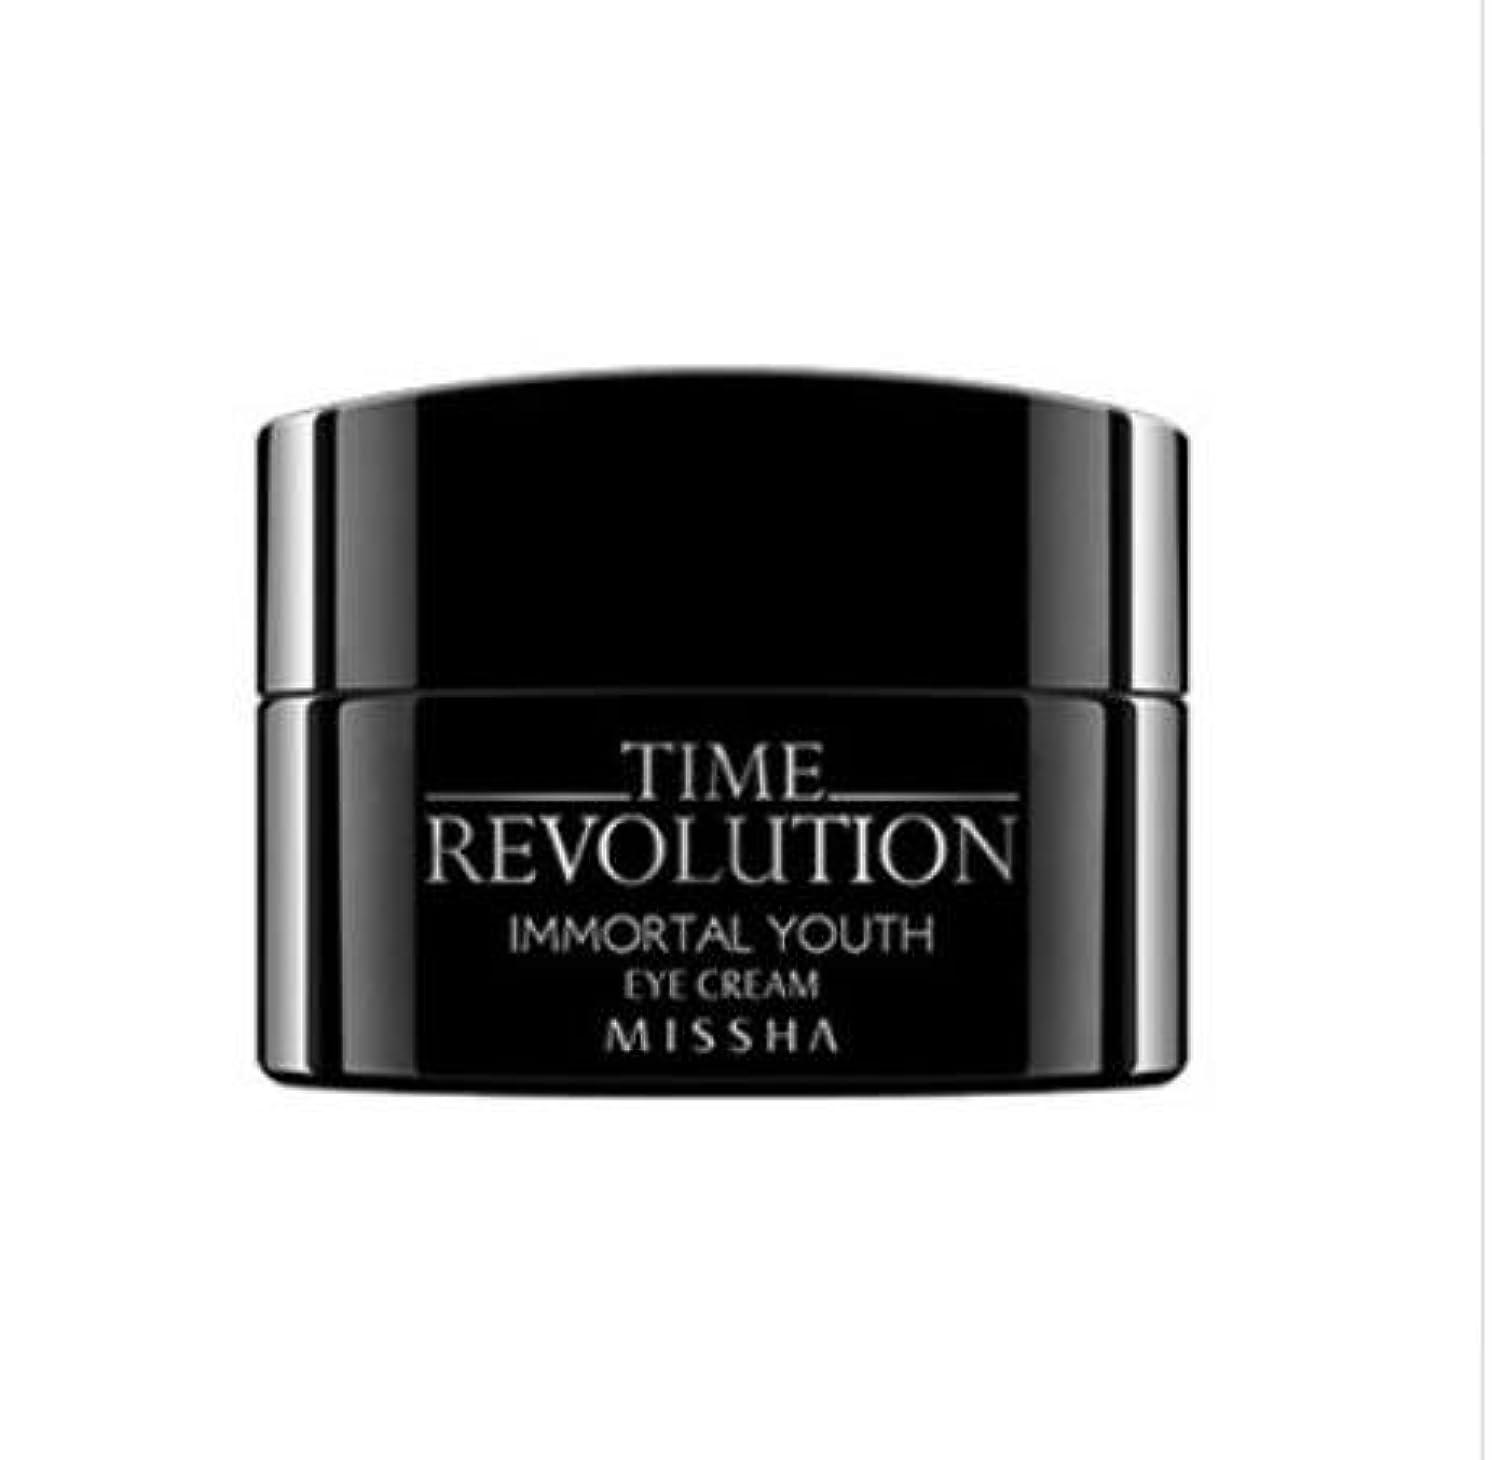 魔法名誉権限[ミシャ] Missha [タイムレボリューション イモタルユース アイクリーム](MISSHA Time Revolution Immortal Youth Eye Cream) [並行輸入品]